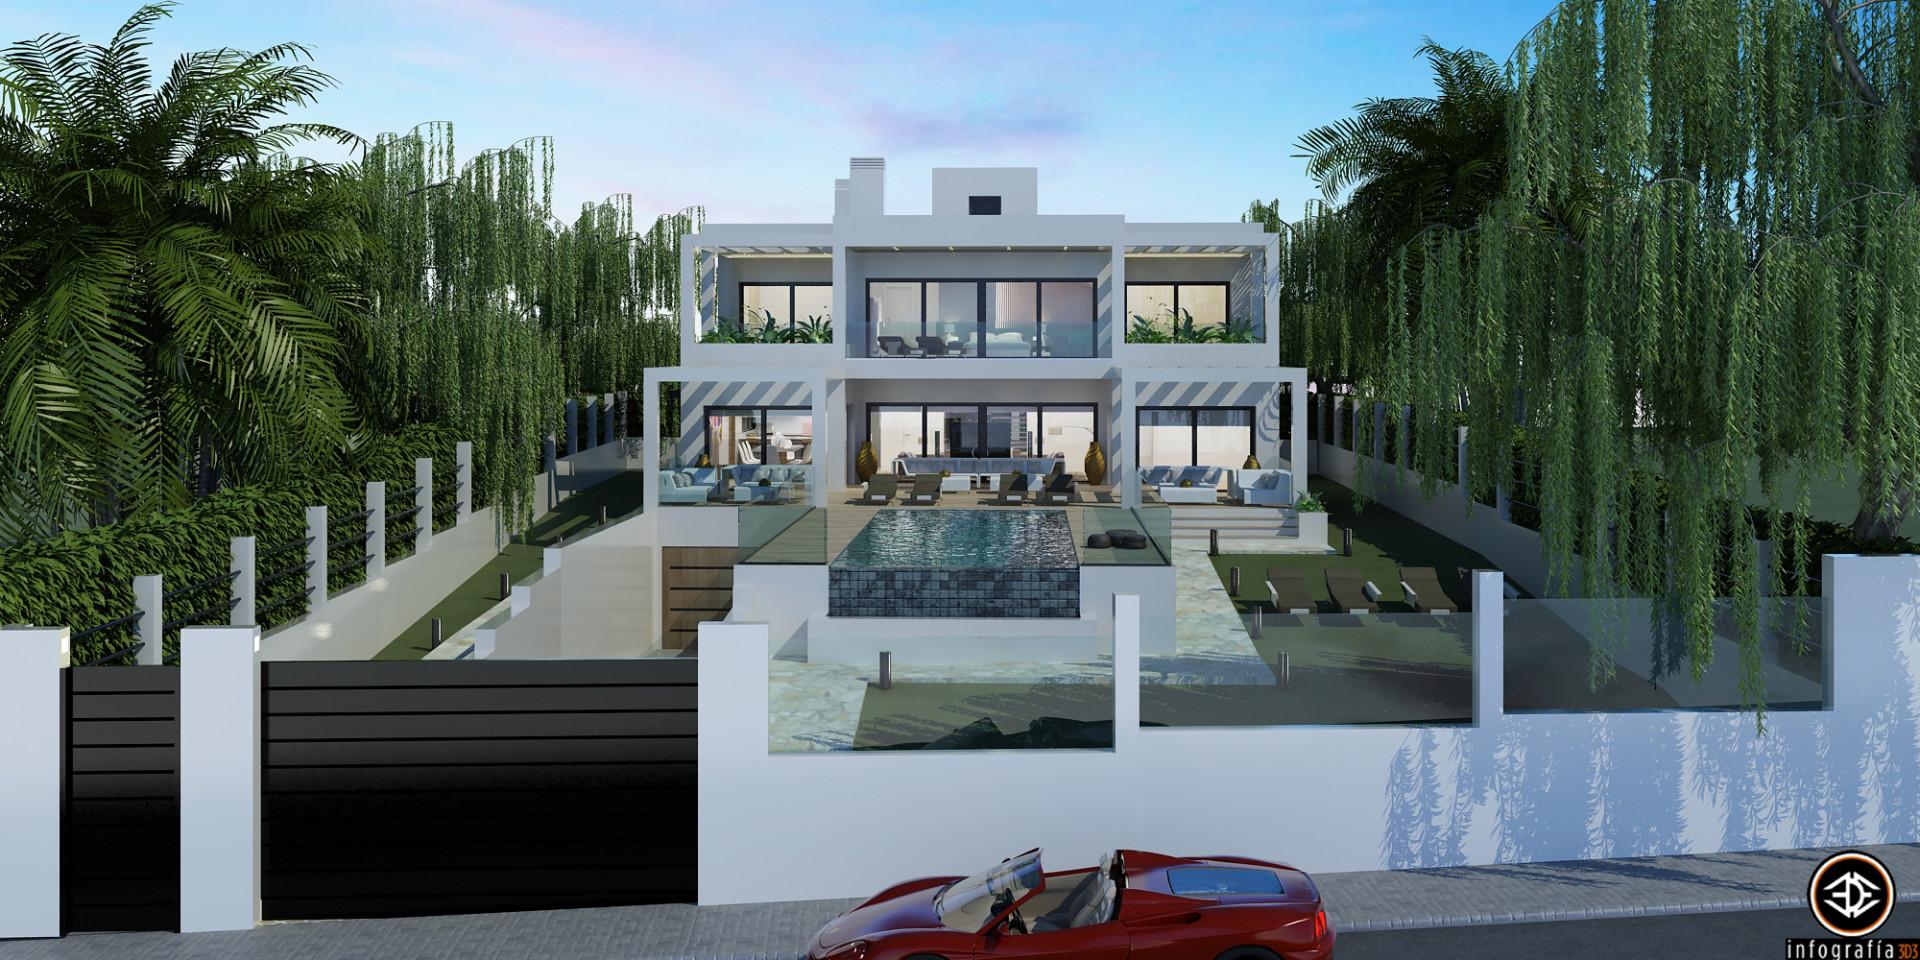 ARFV1209 - Moderne Luxusvilla in Strandlage zum Verkauf in Elviria in Marbella